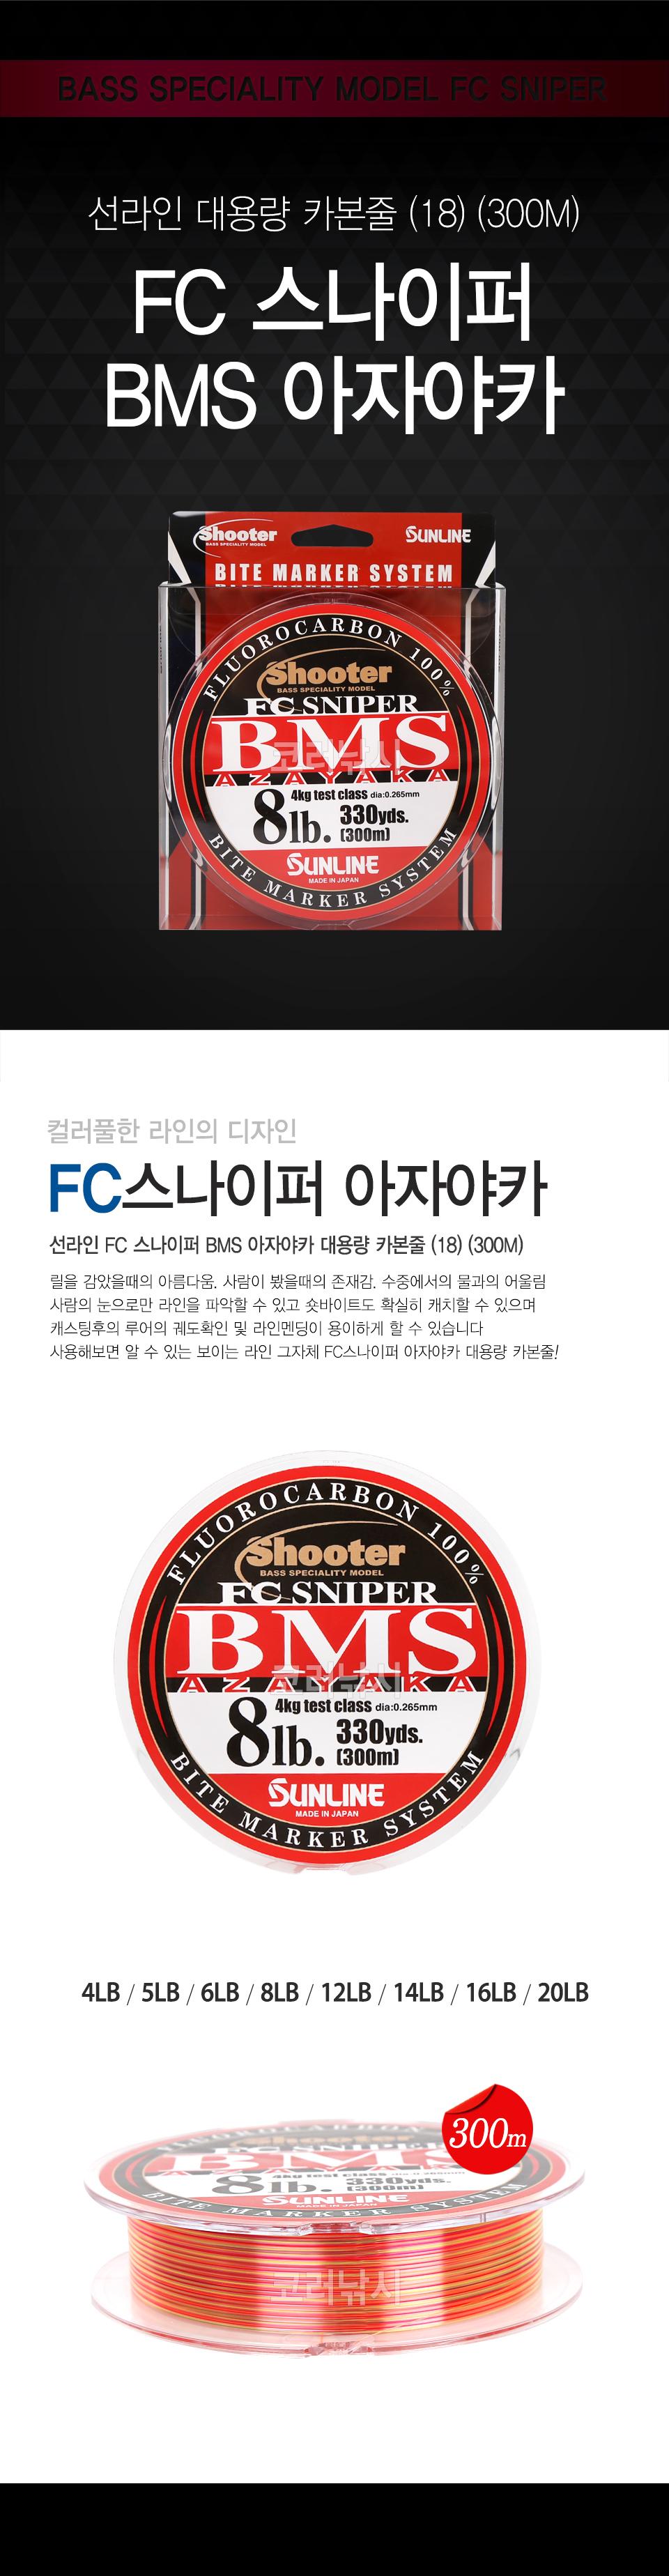 선라인 FC 스나이퍼 BMS 아자야카 대용량 카본줄 (18) (300M) FC 스나이퍼 BMS 아자야카 대용량 카본줄 (18) (300M) 선라인 썬라인 비엠에스